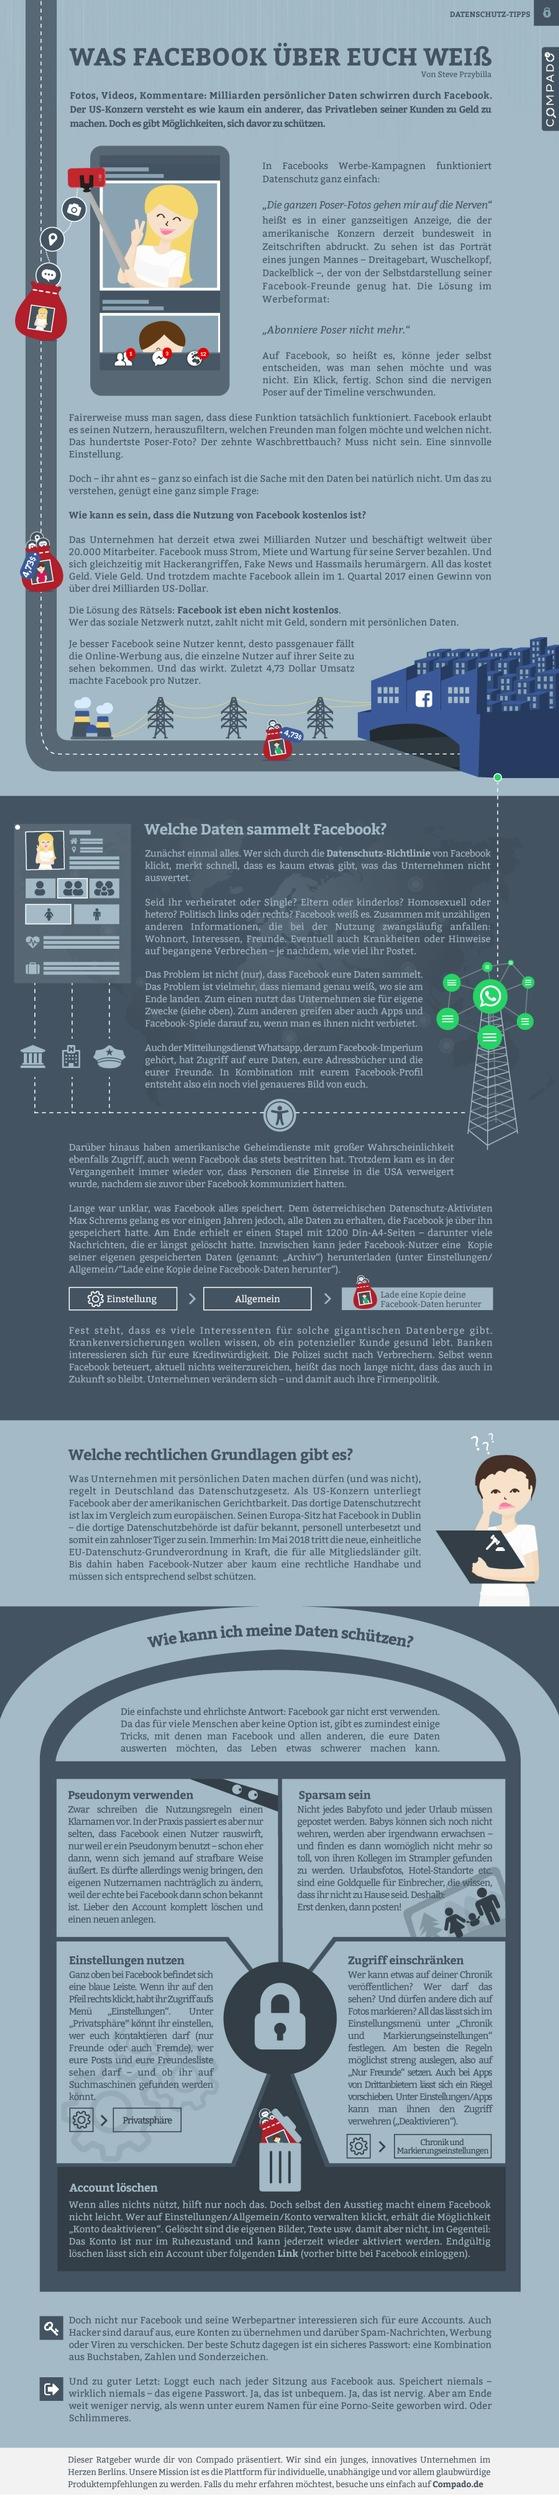 Facebook Datenschutz Tipps